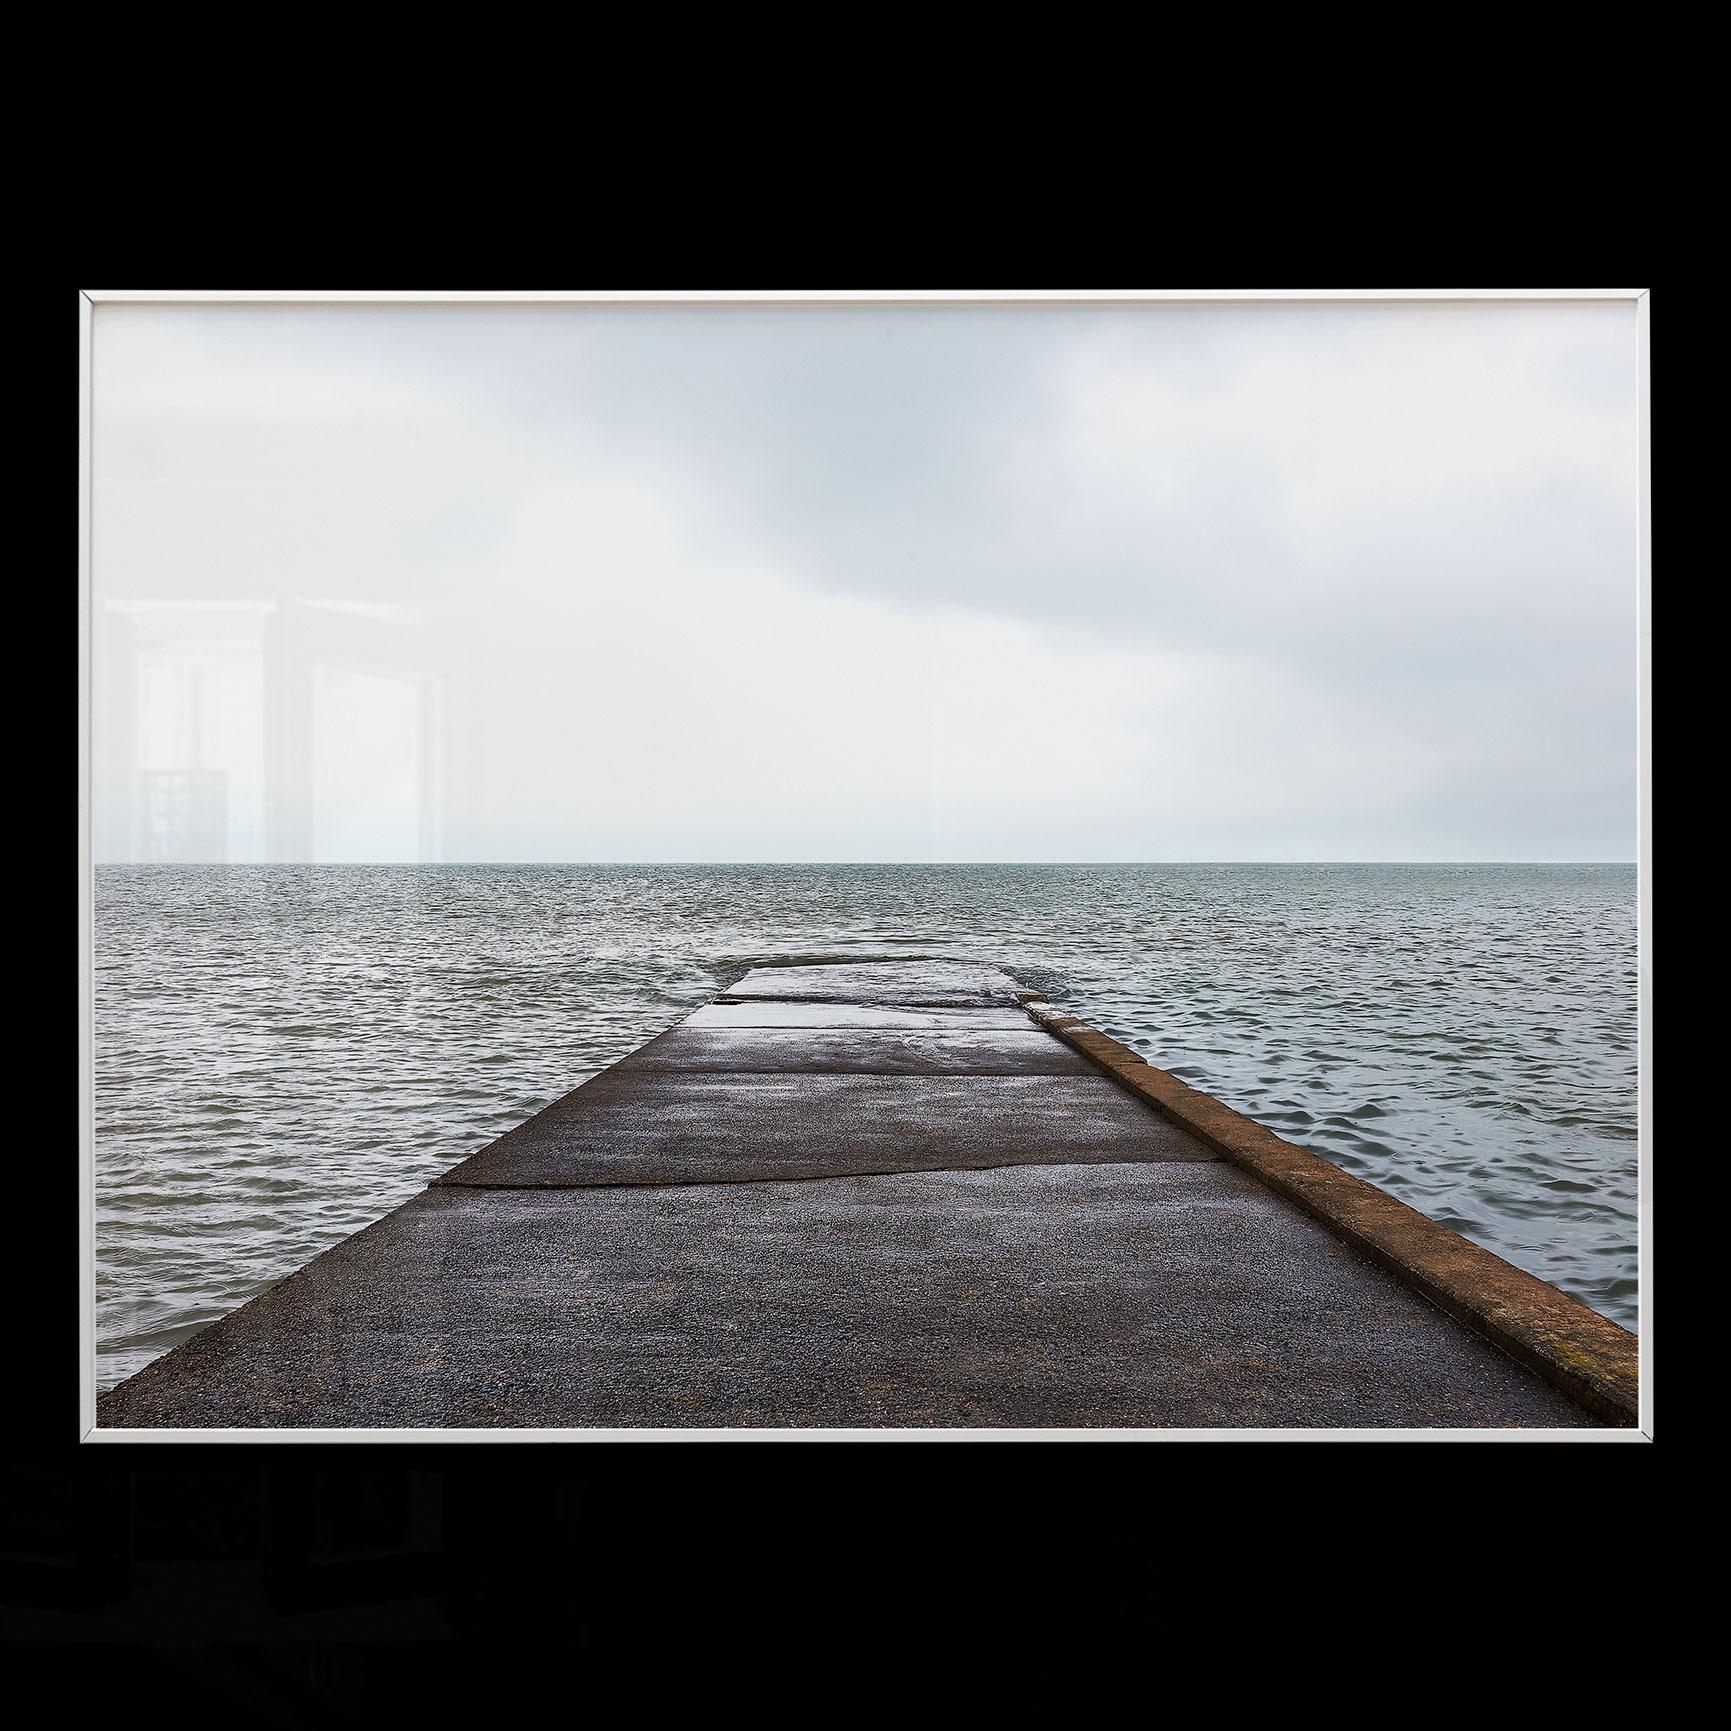 seascape-01_mockup_carré